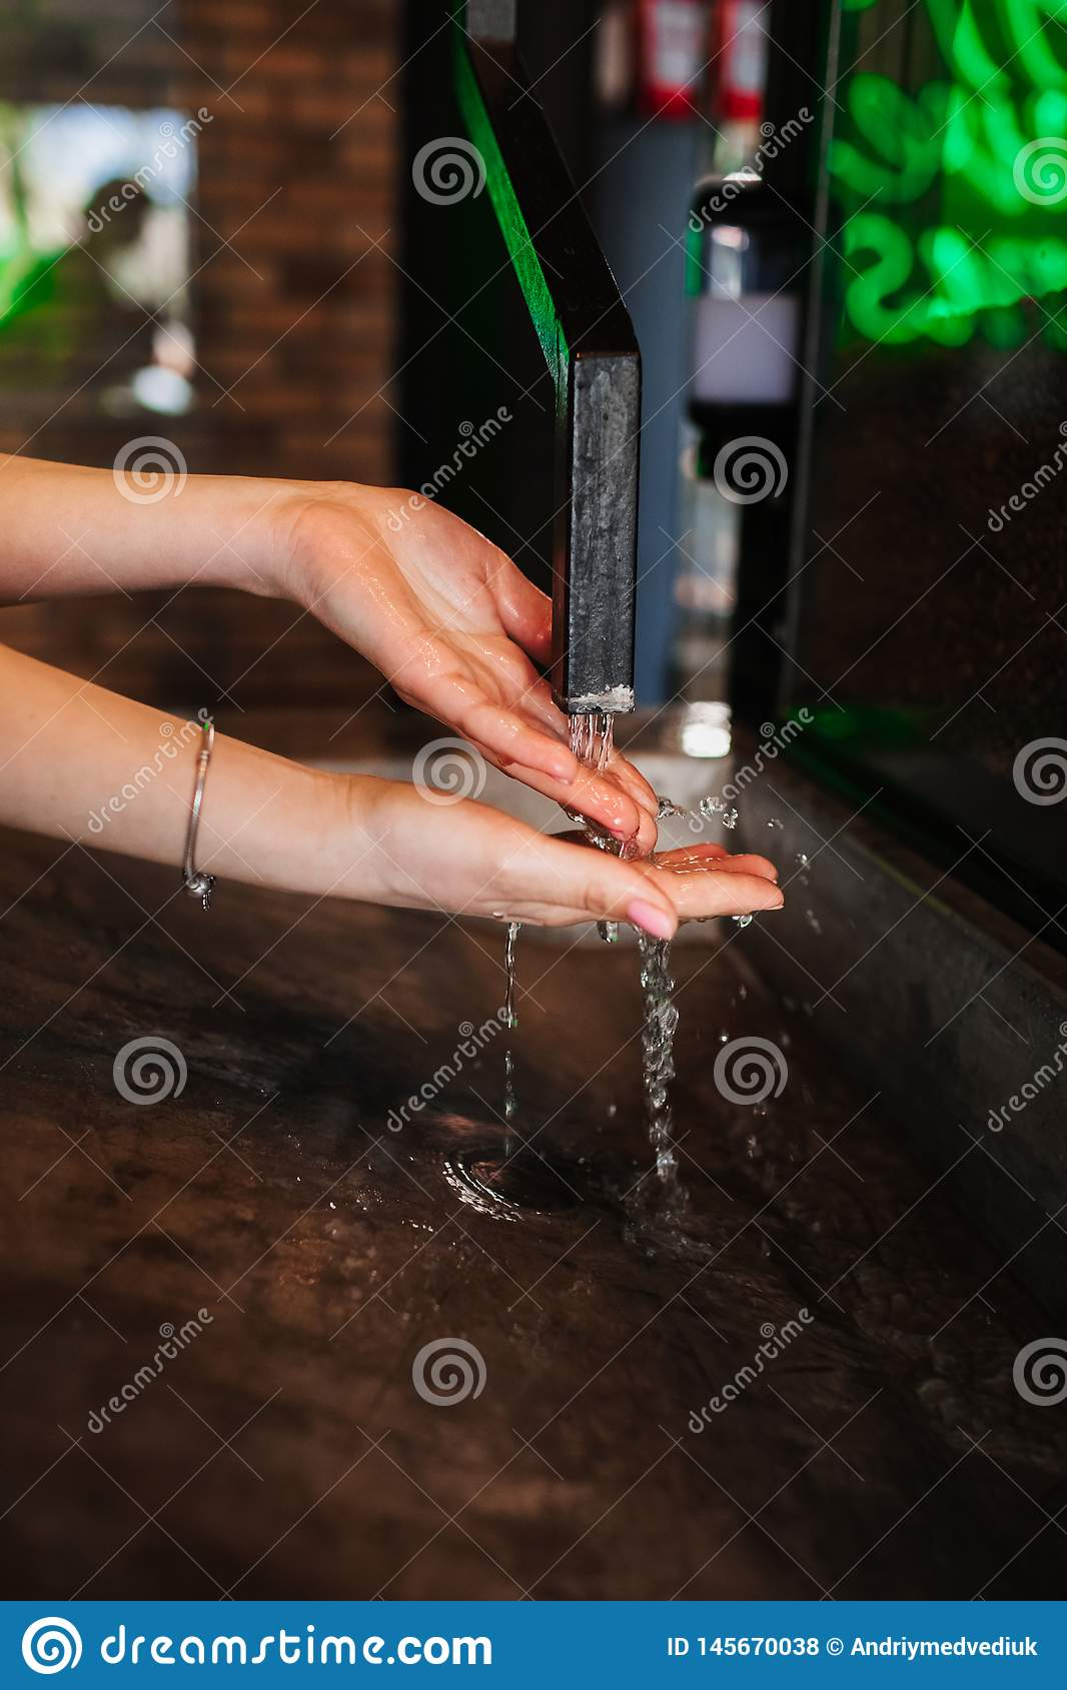 Фото крупного плана рук женщины моя в кафе подачи воды в руки вода от труб